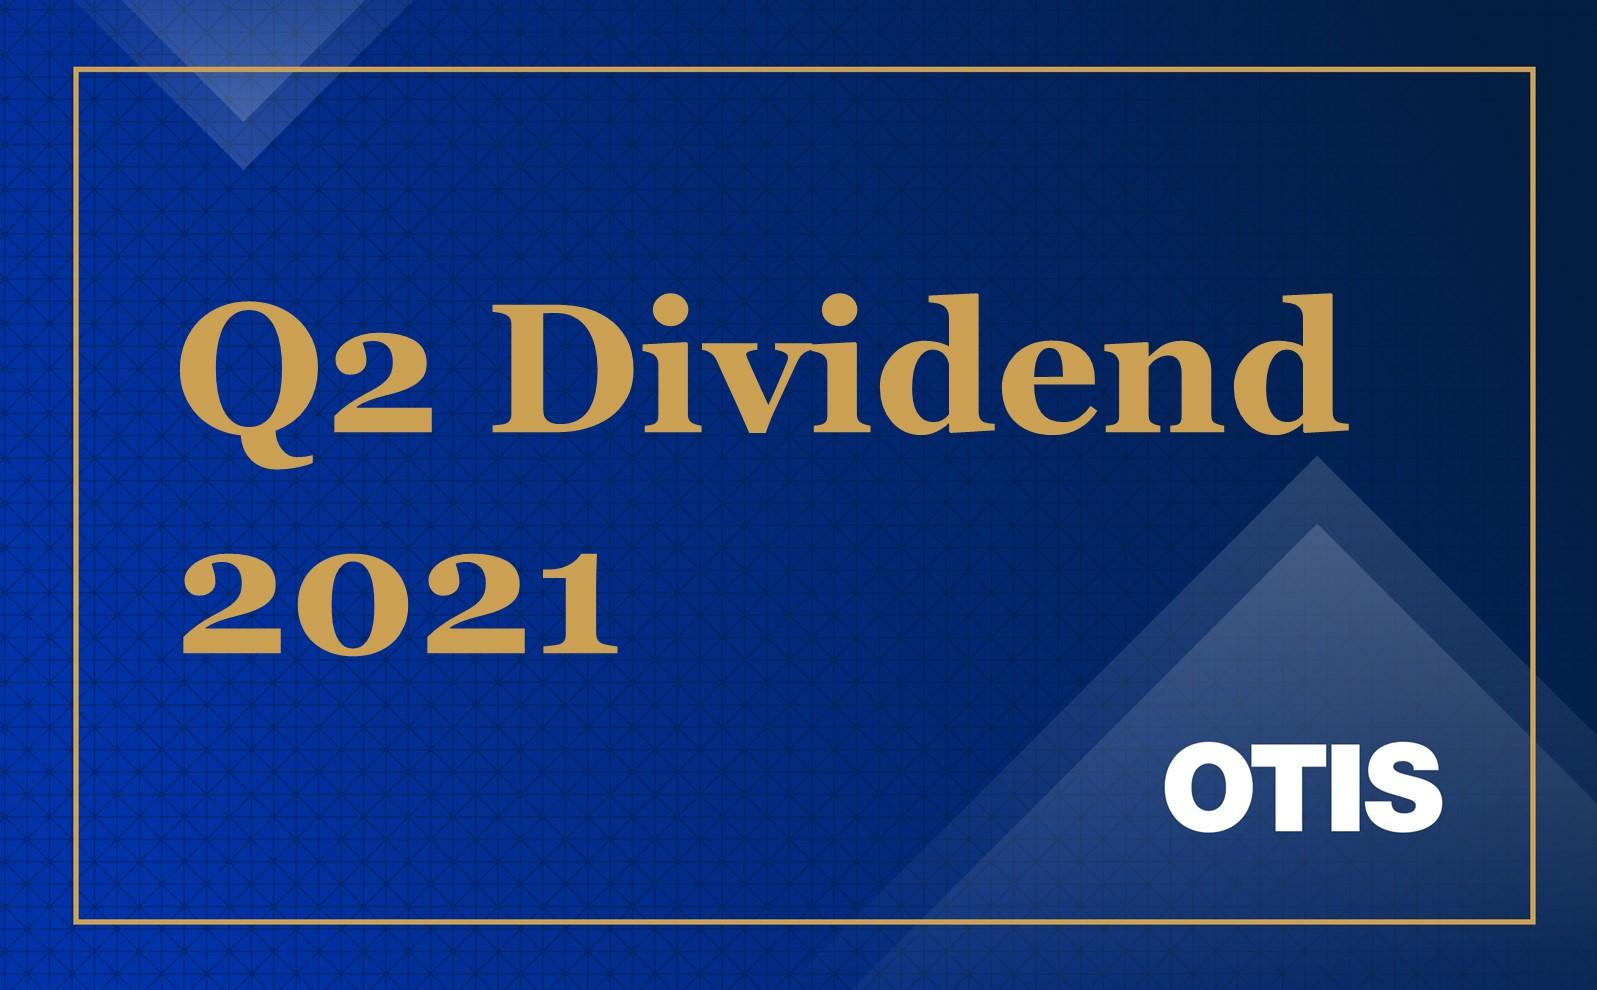 Q2 Dividend Otis